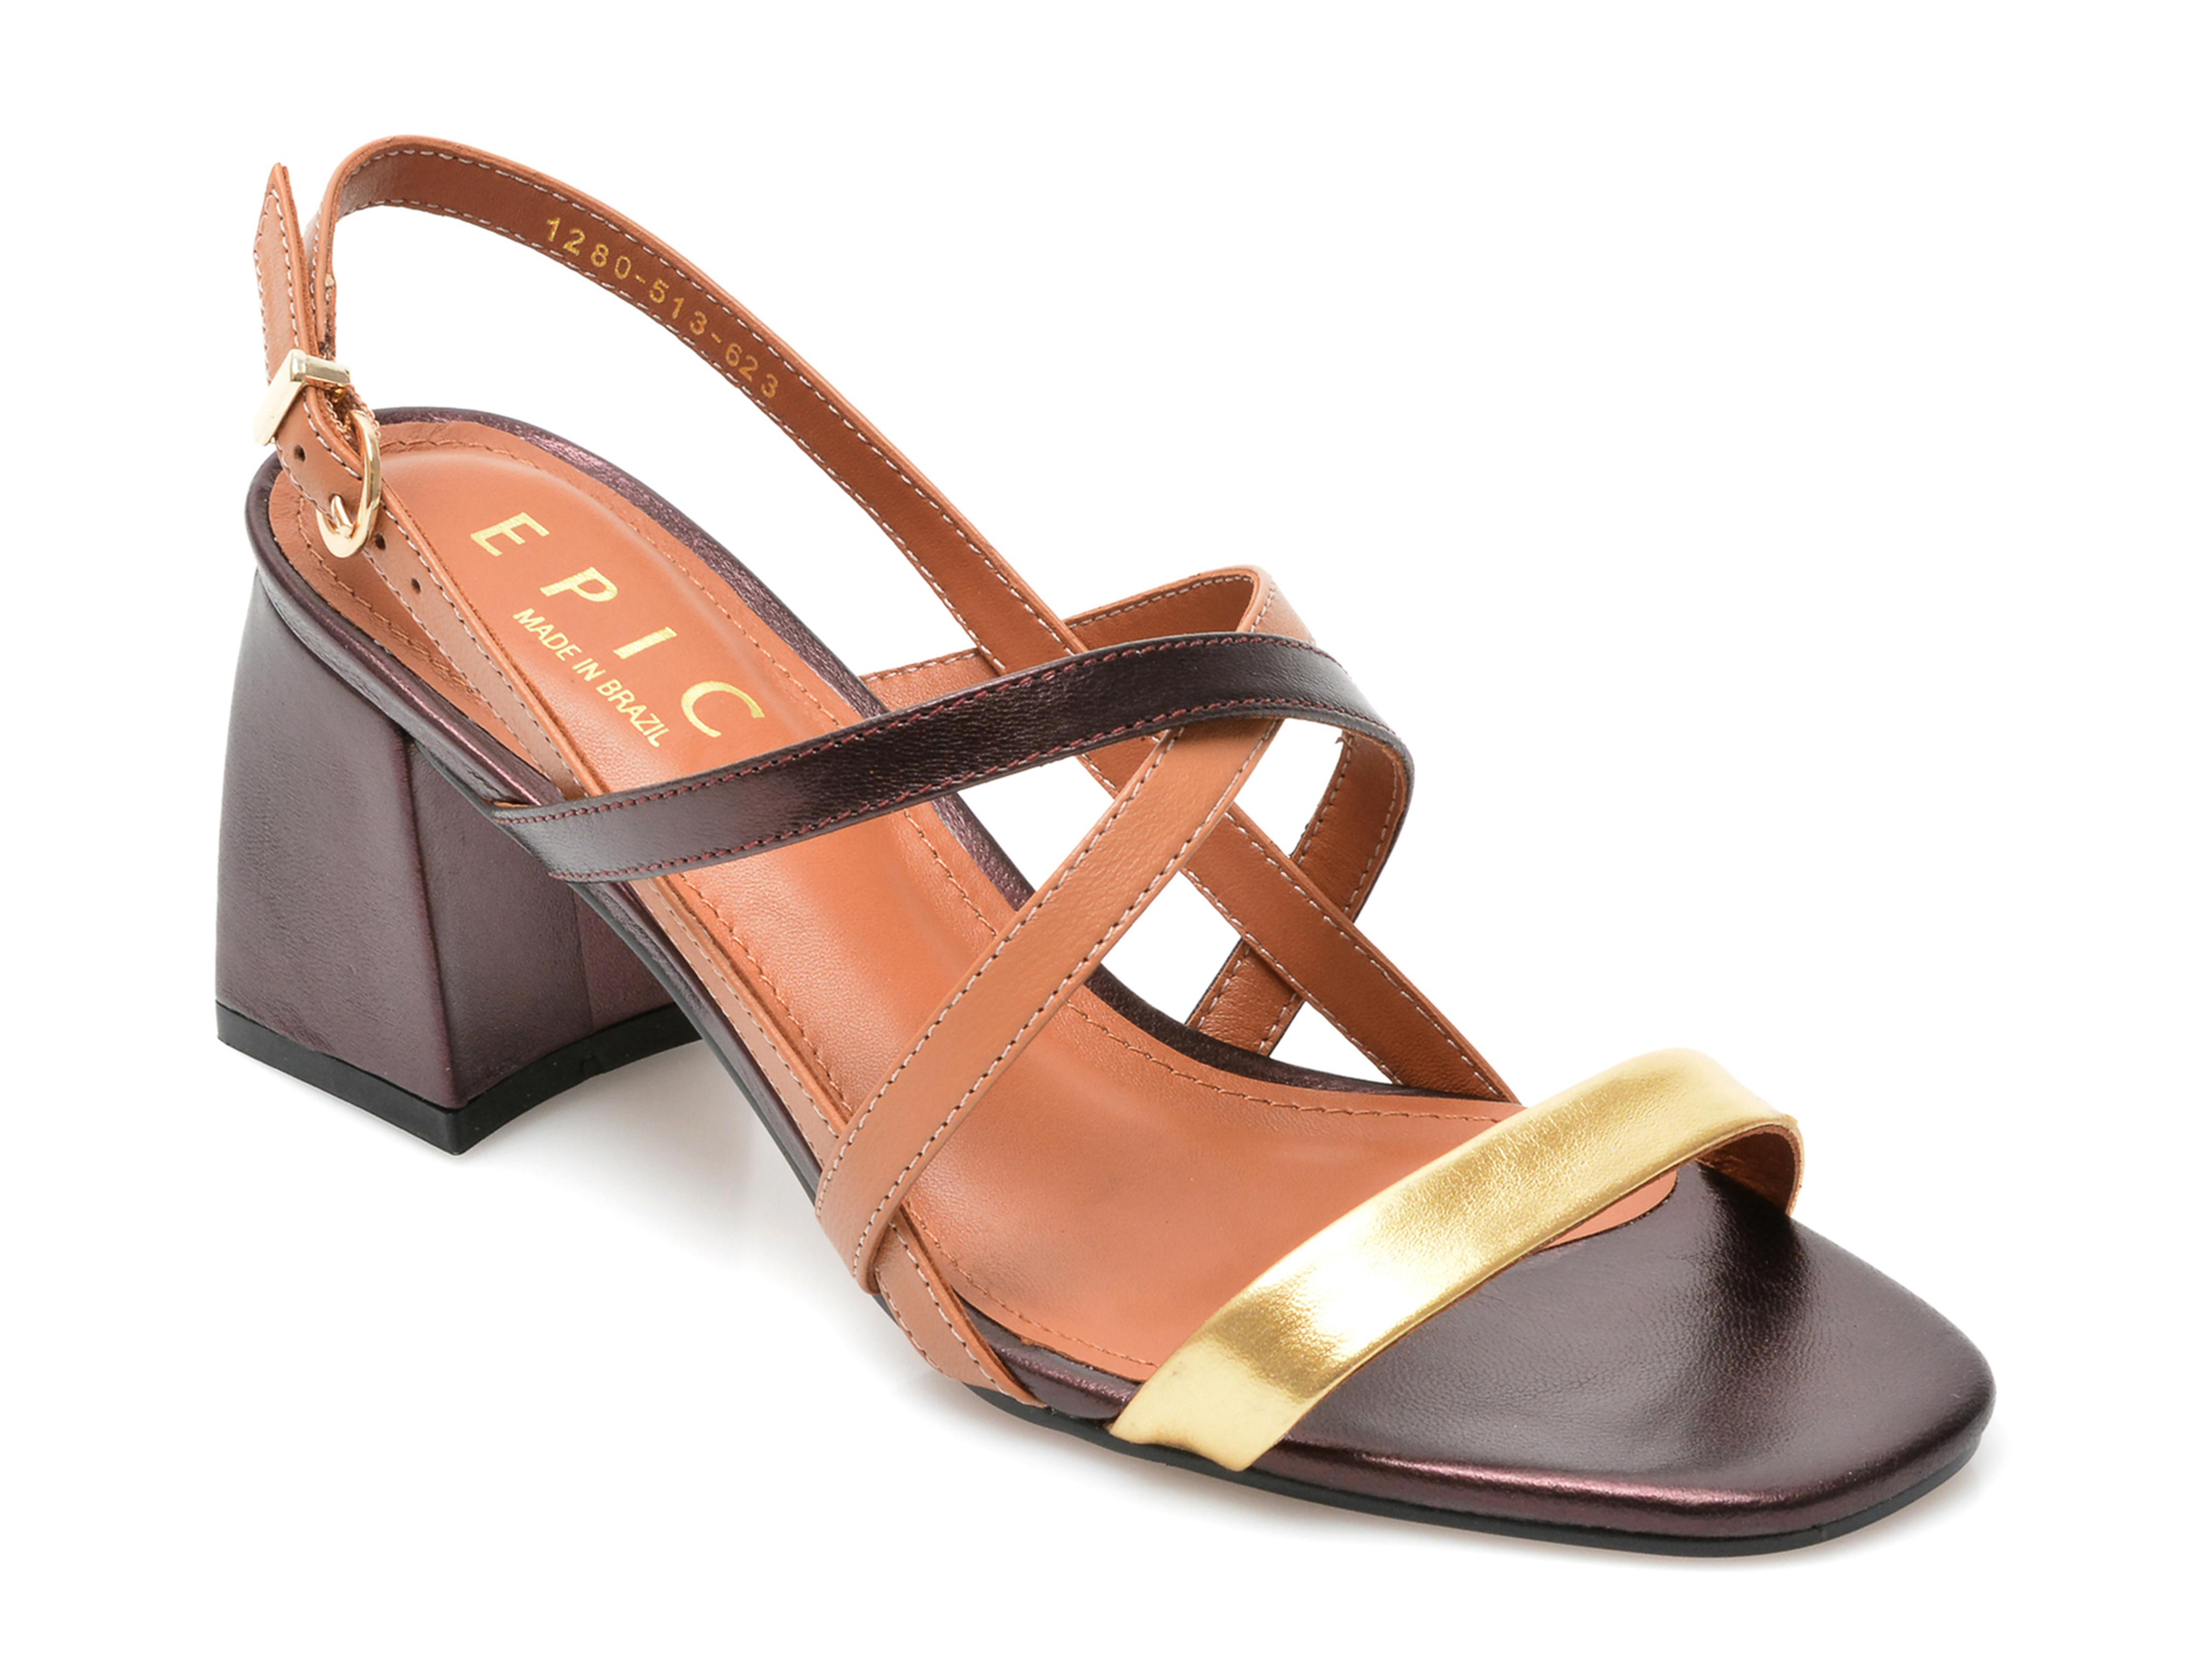 Sandale EPICA maro, 1280623, din piele naturala imagine otter.ro 2021